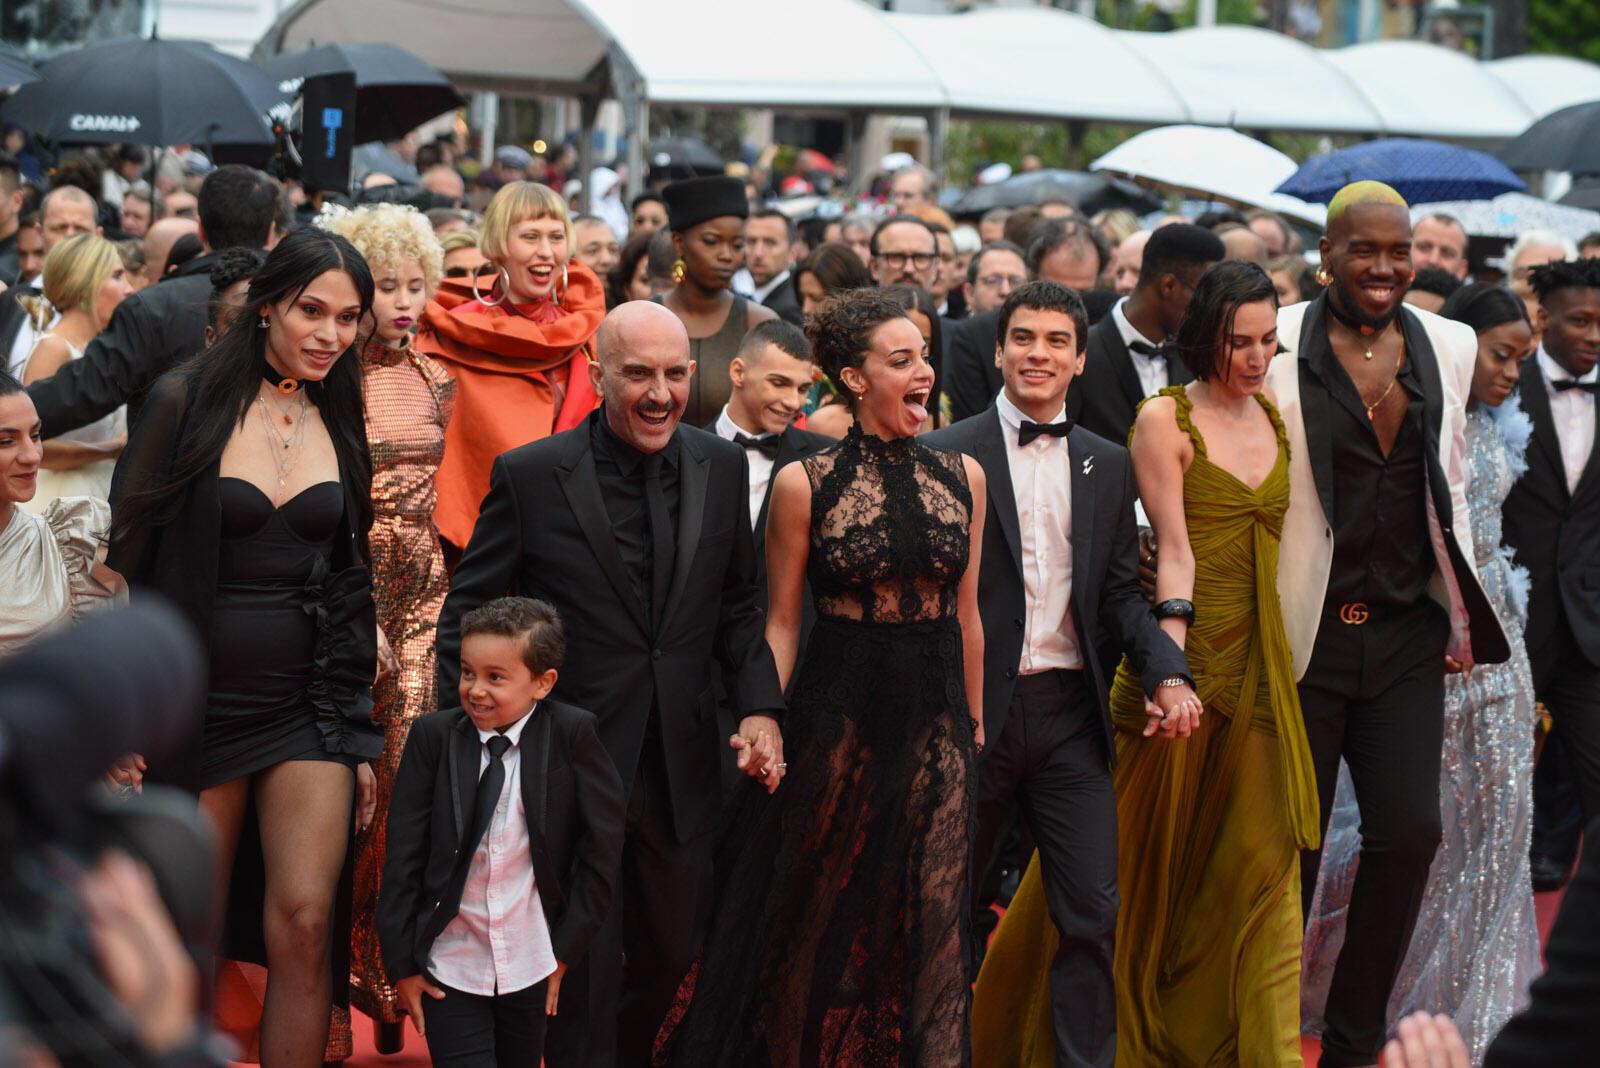 """المخرج الأرجنتيني غاسبار نوي، الذي يعيش في فرنسا، يعود لمهرجان كان بفيلم جديد بعنوان """"كلايمكس"""". ويتناول الفيلم غوص في عالم العنف والجنس والمخدرات."""